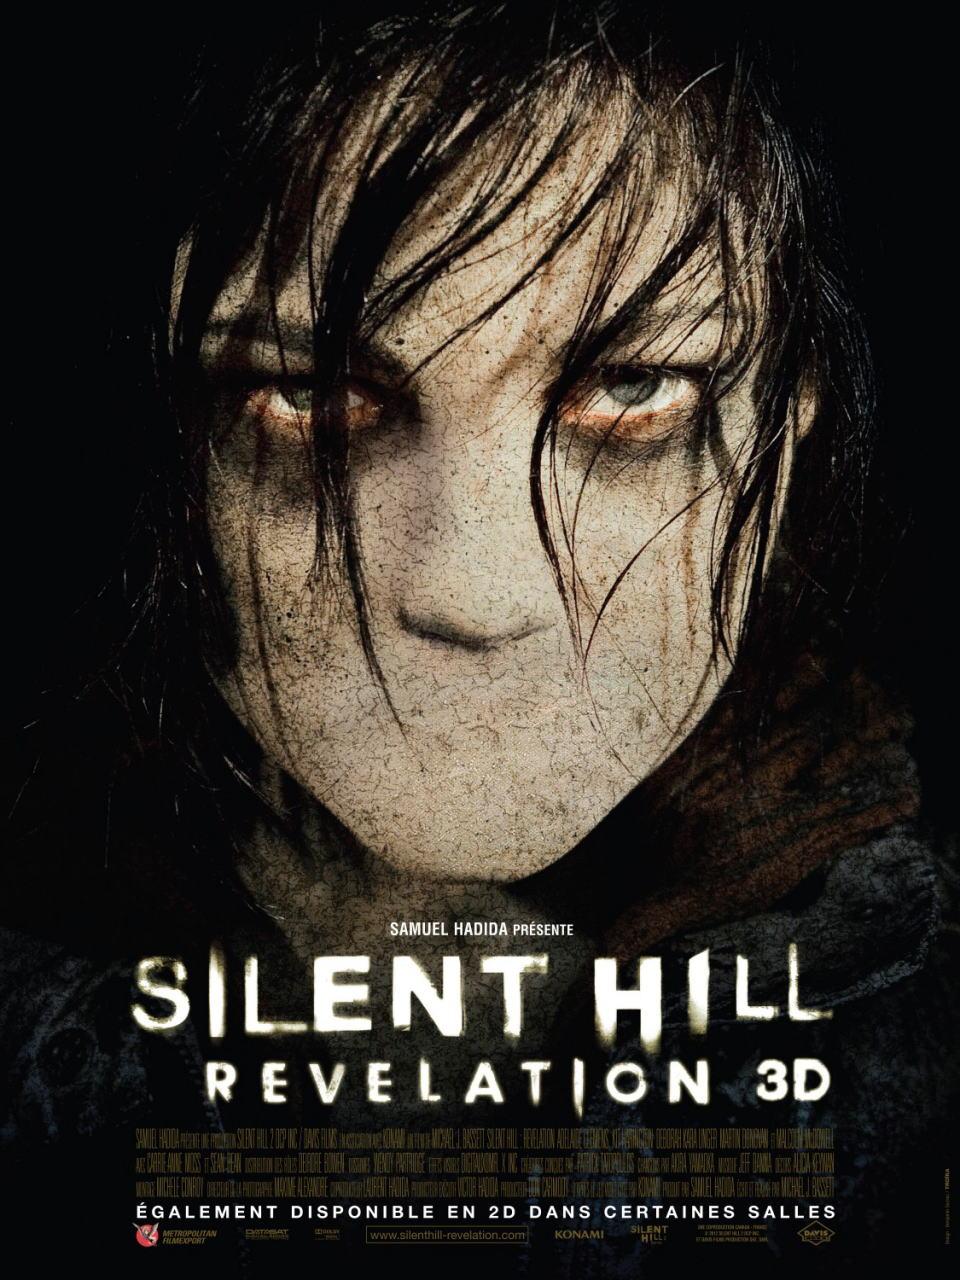 映画『サイレントヒル:リベレーション3D (2012) SILENT HILL: REVELATION 3D』ポスター(8)▼ポスター画像クリックで拡大します。